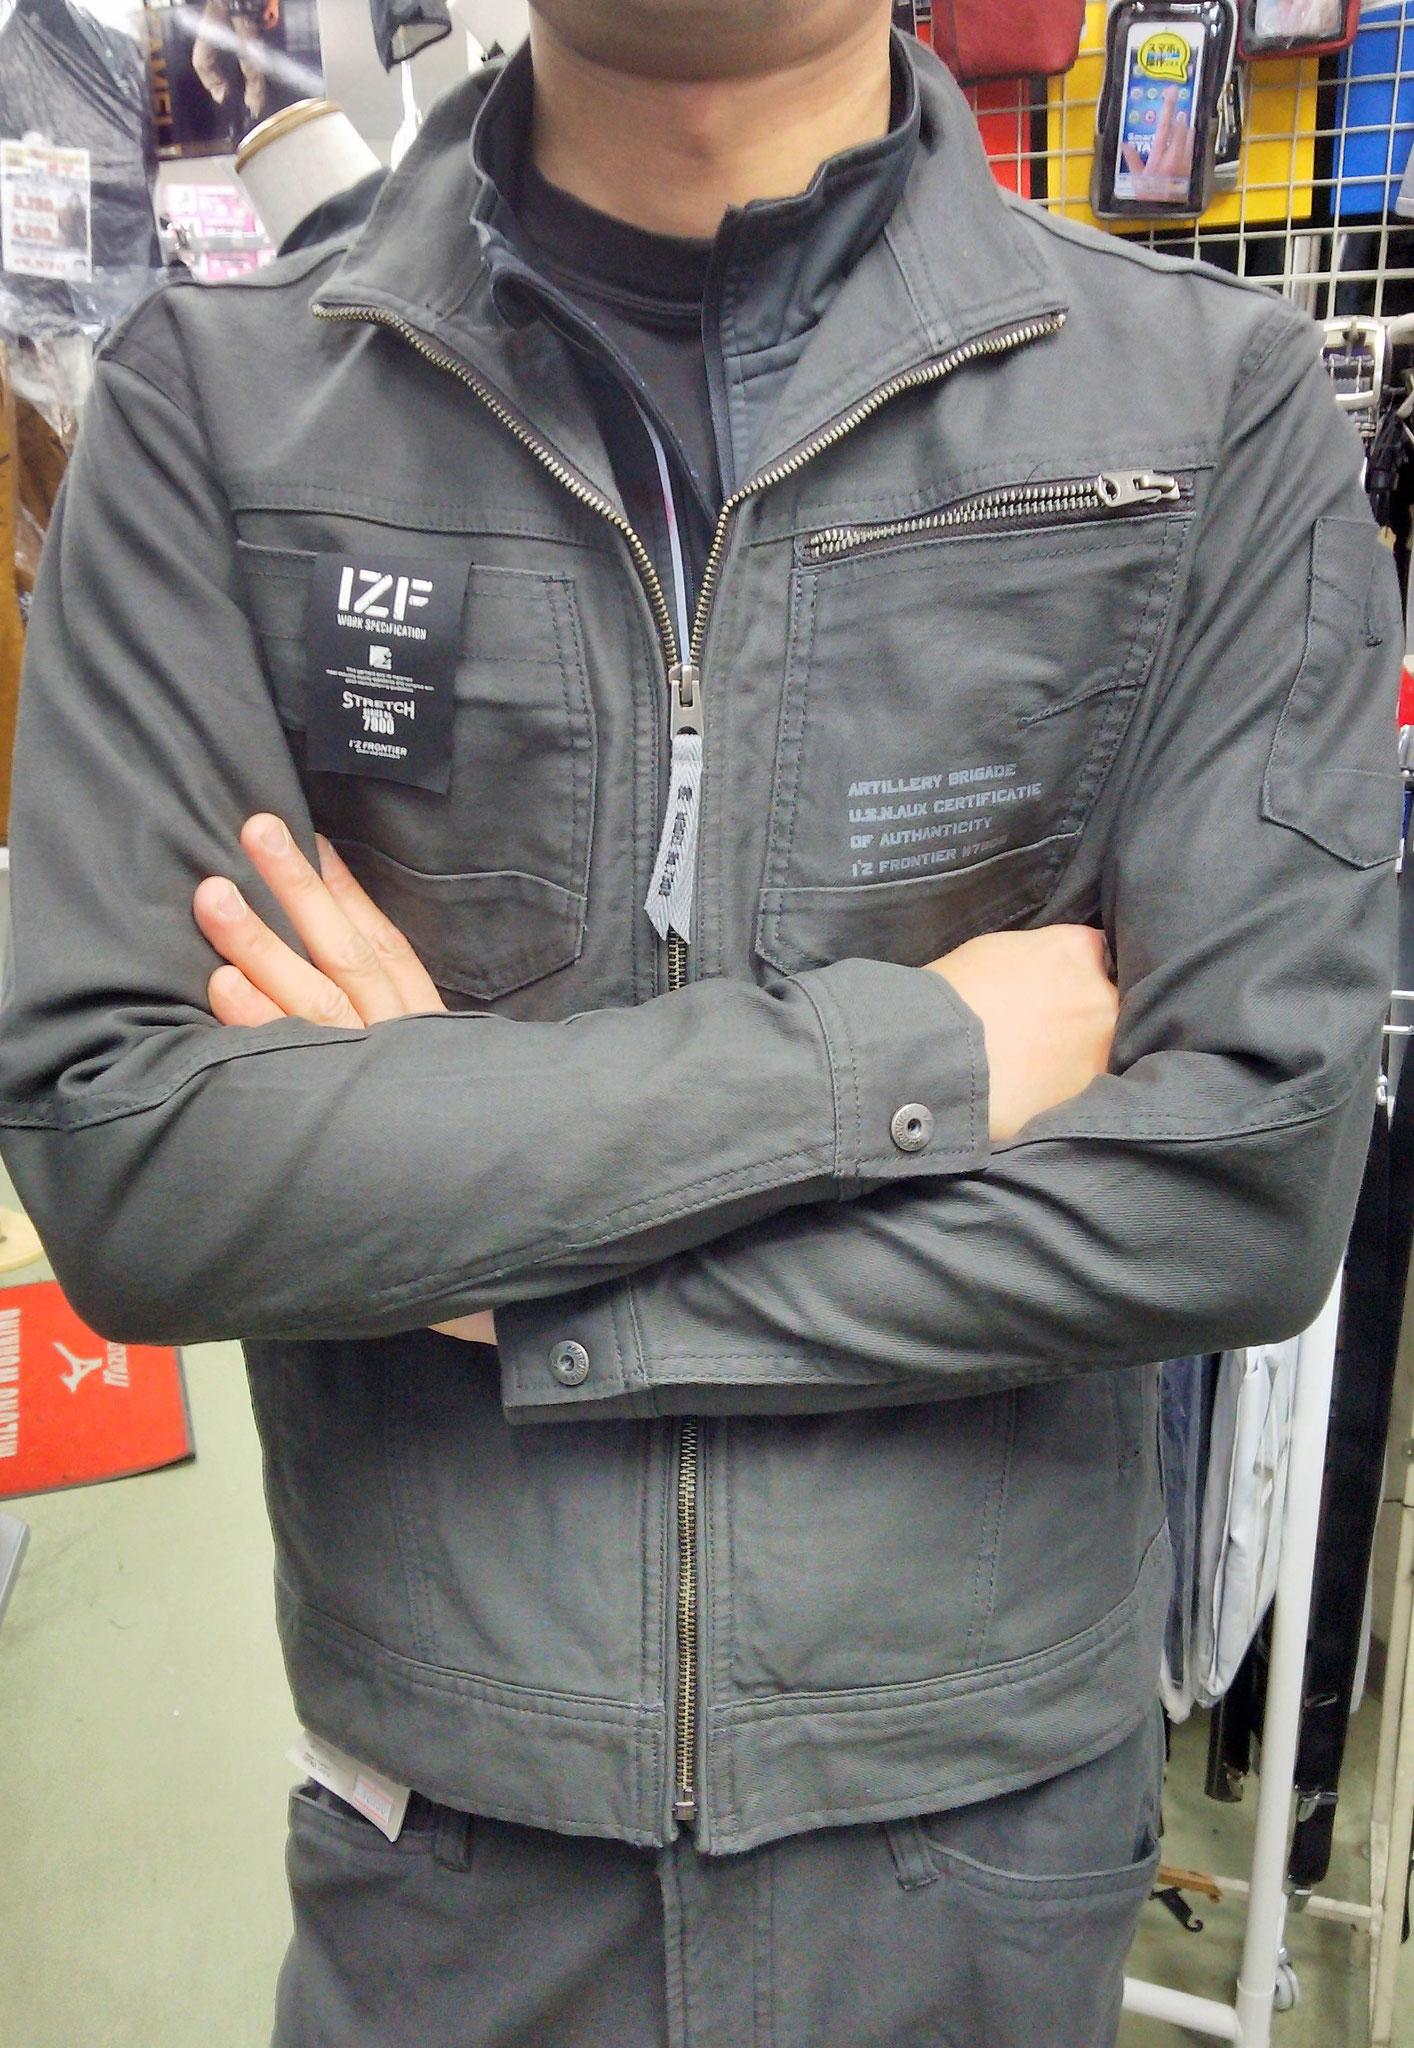 I'Z FRONTIER~アイズフロンティア~ 7908 SERIES 着てみました。柔らかい生地で、体に馴染みます。